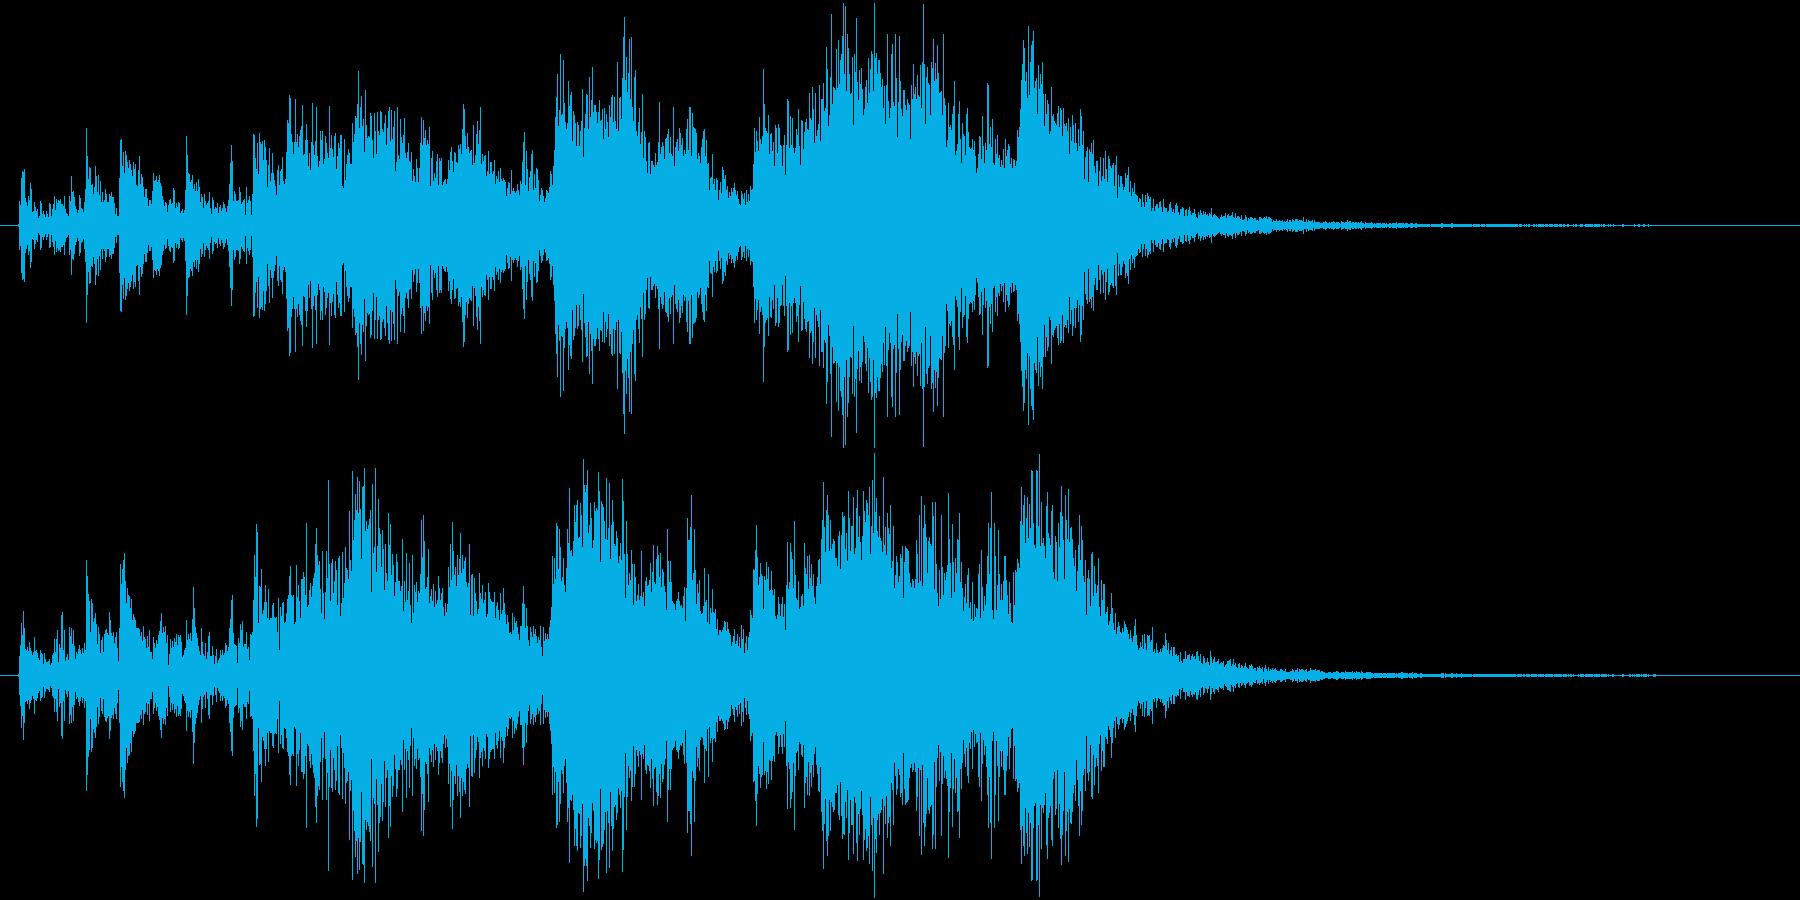 次の方どうぞ!話題&場面転換のジングルの再生済みの波形